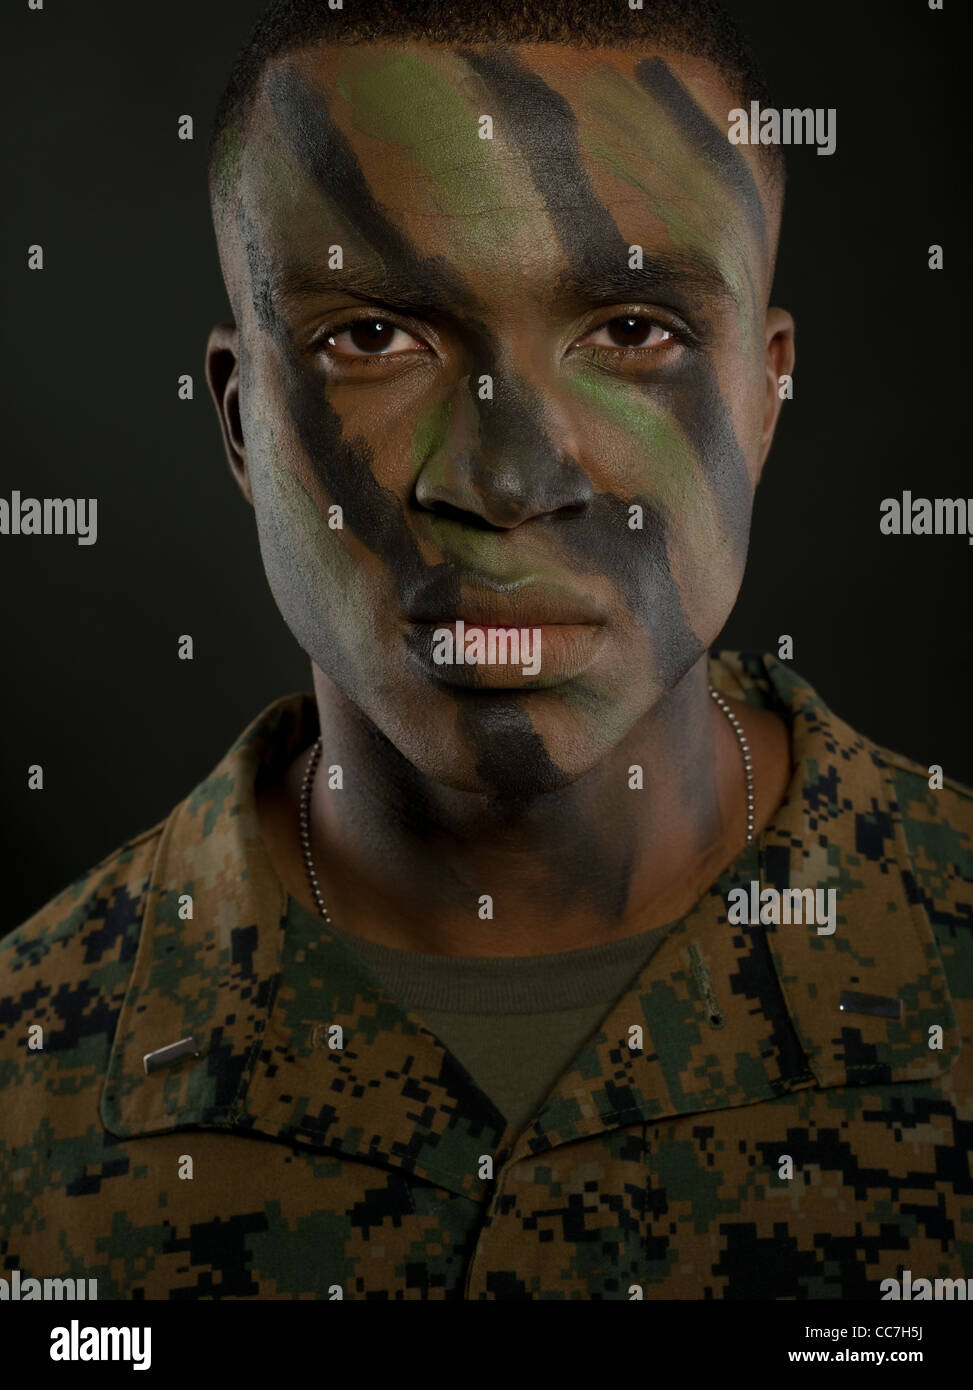 United States Marine Uniform 31